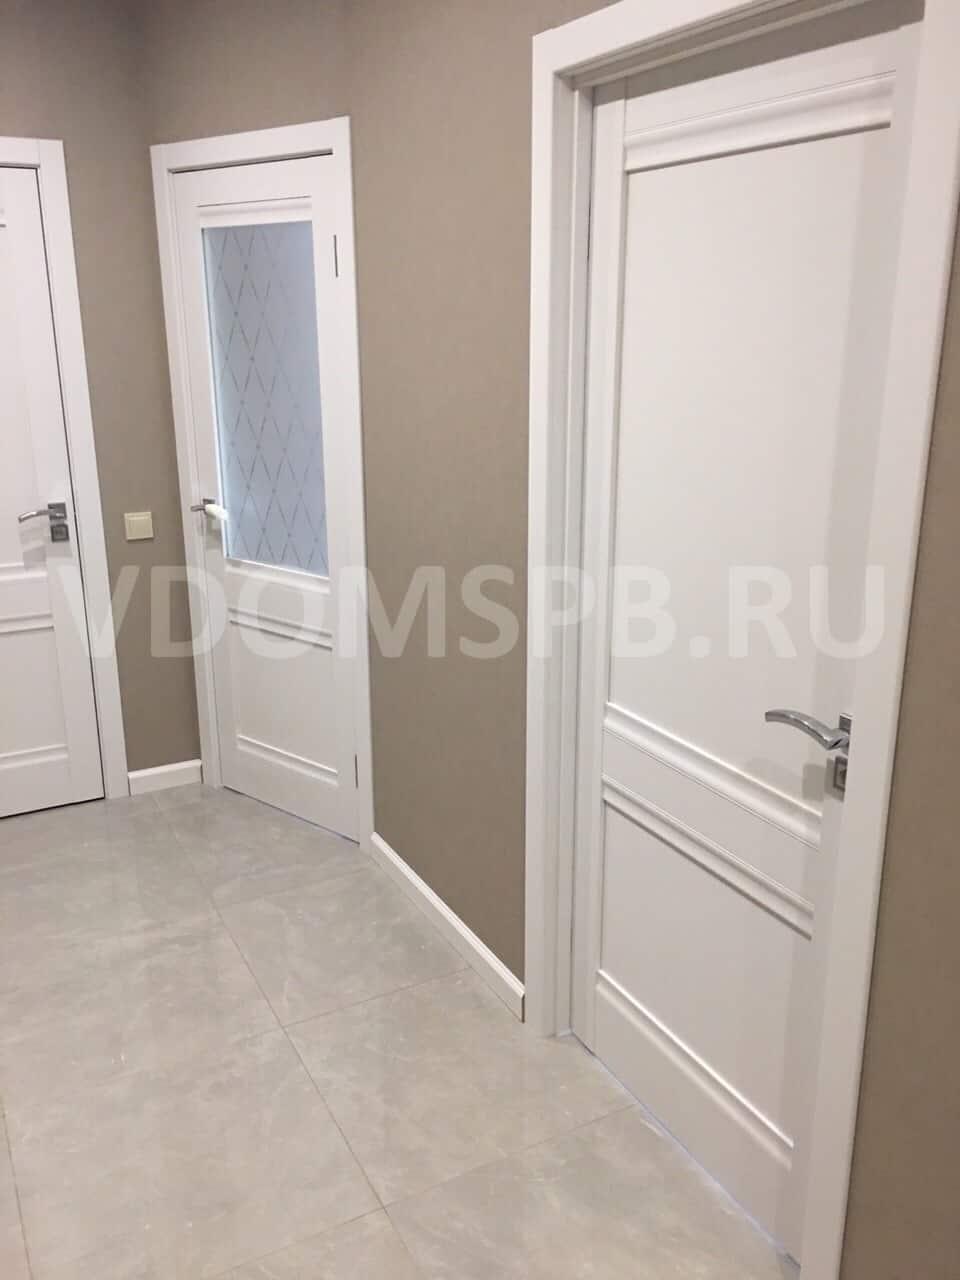 Белые двери с белыми плинтусами